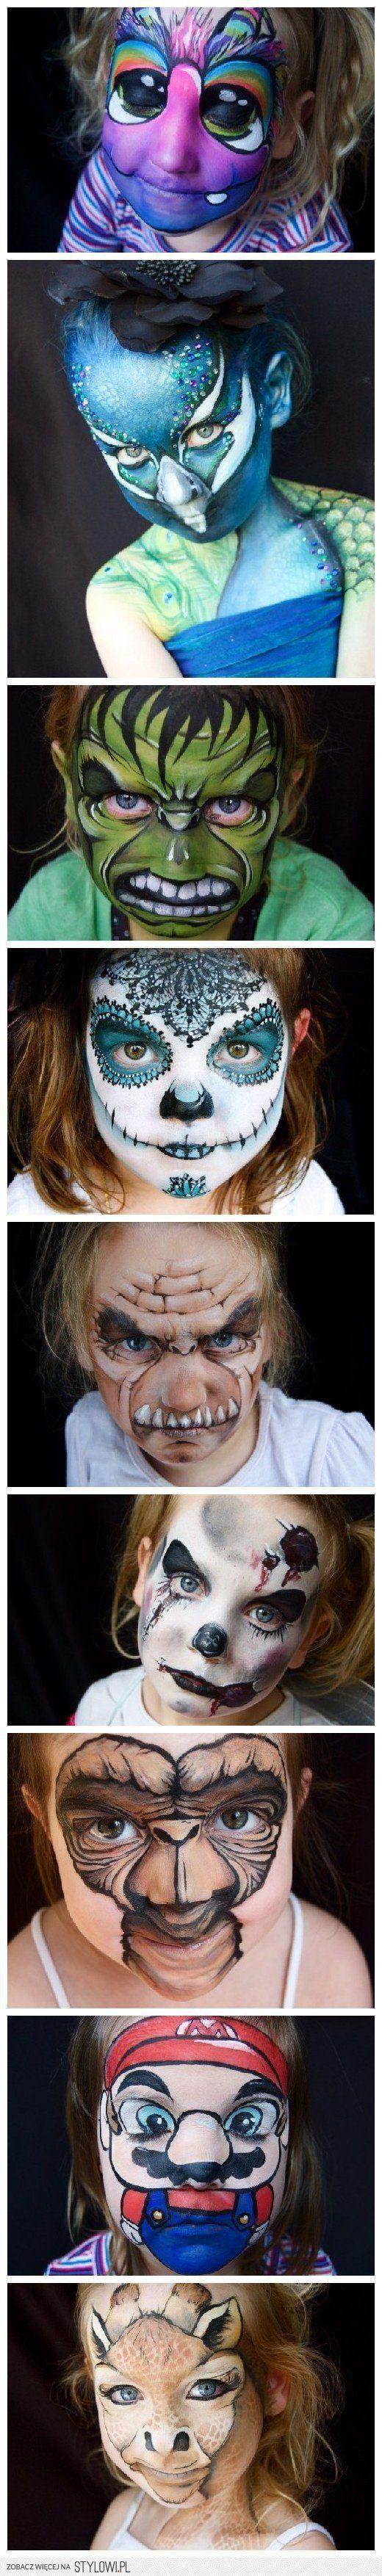 Sehr toll geschminkte Kindergesichter!